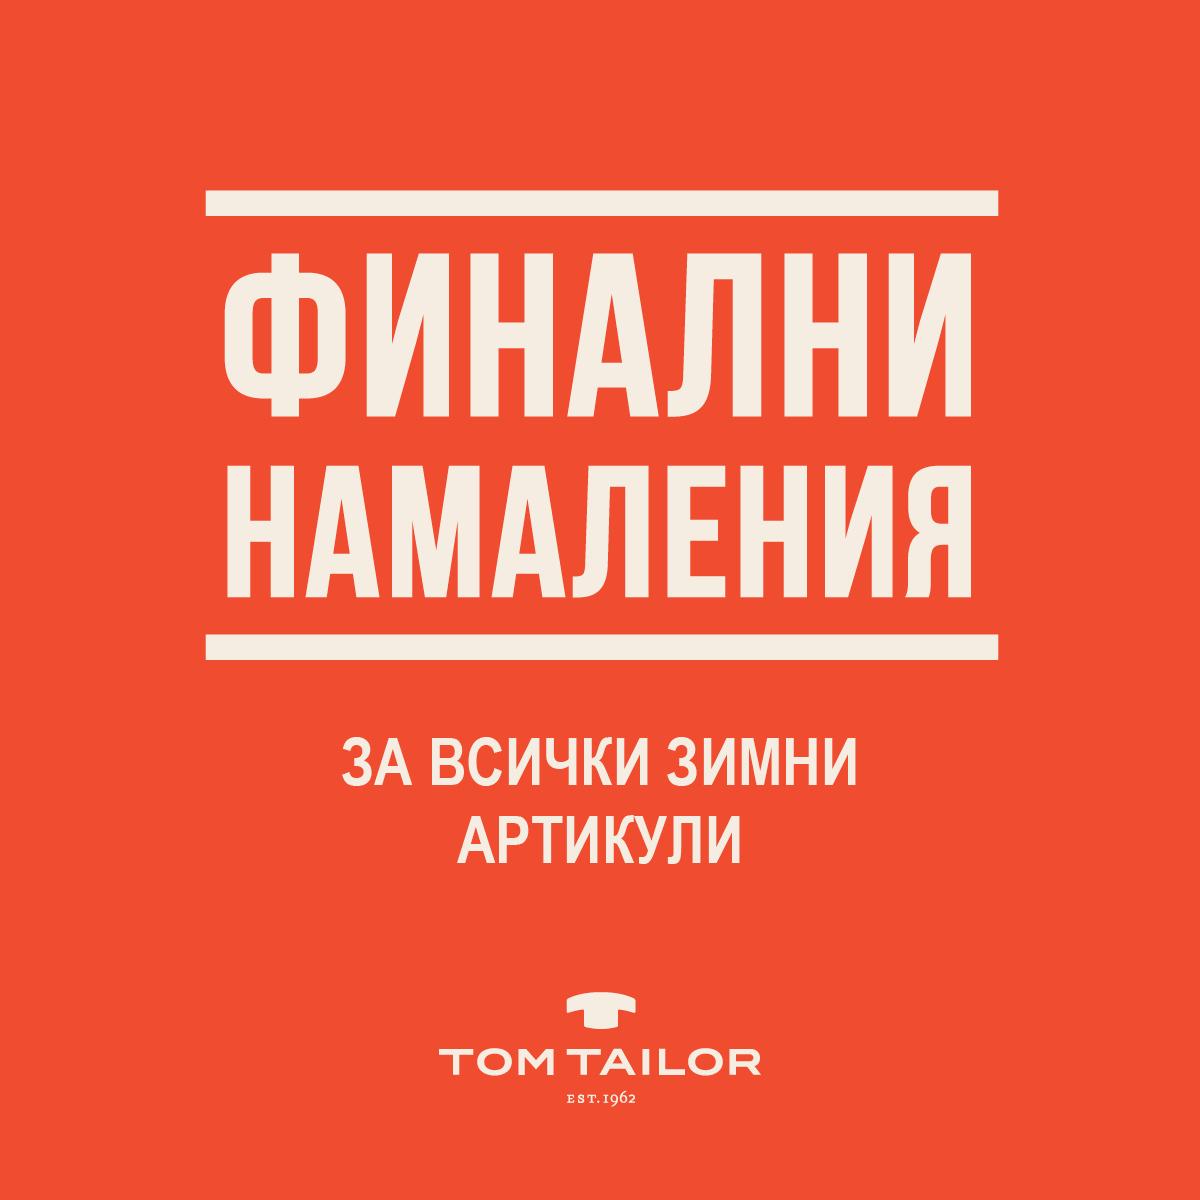 Последни намаления магазин Tom Tailor